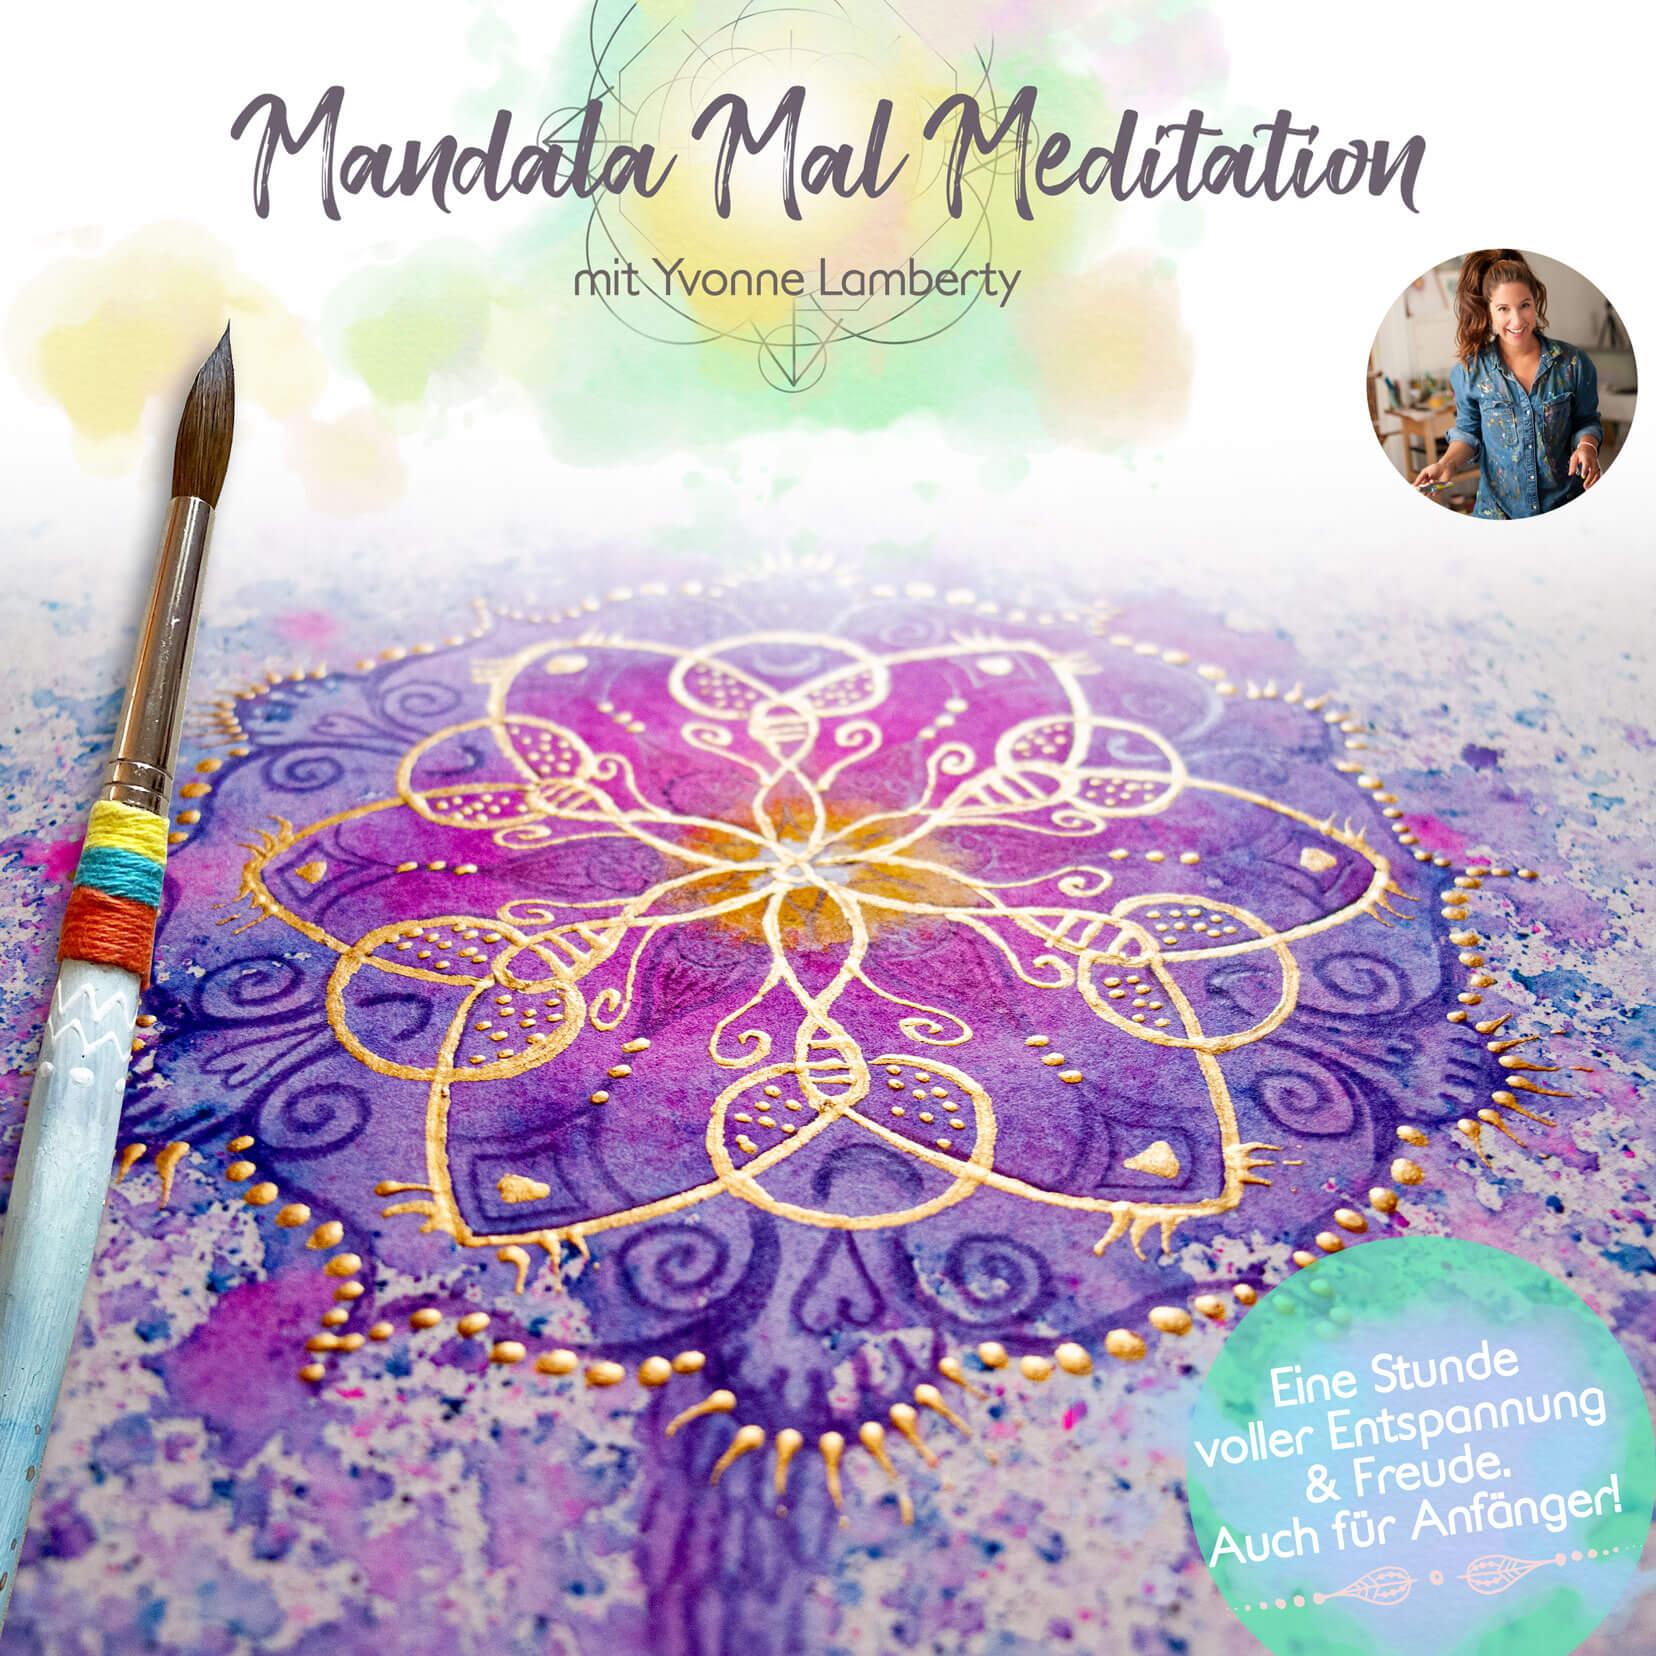 Mandala Mal Meditation Kurs